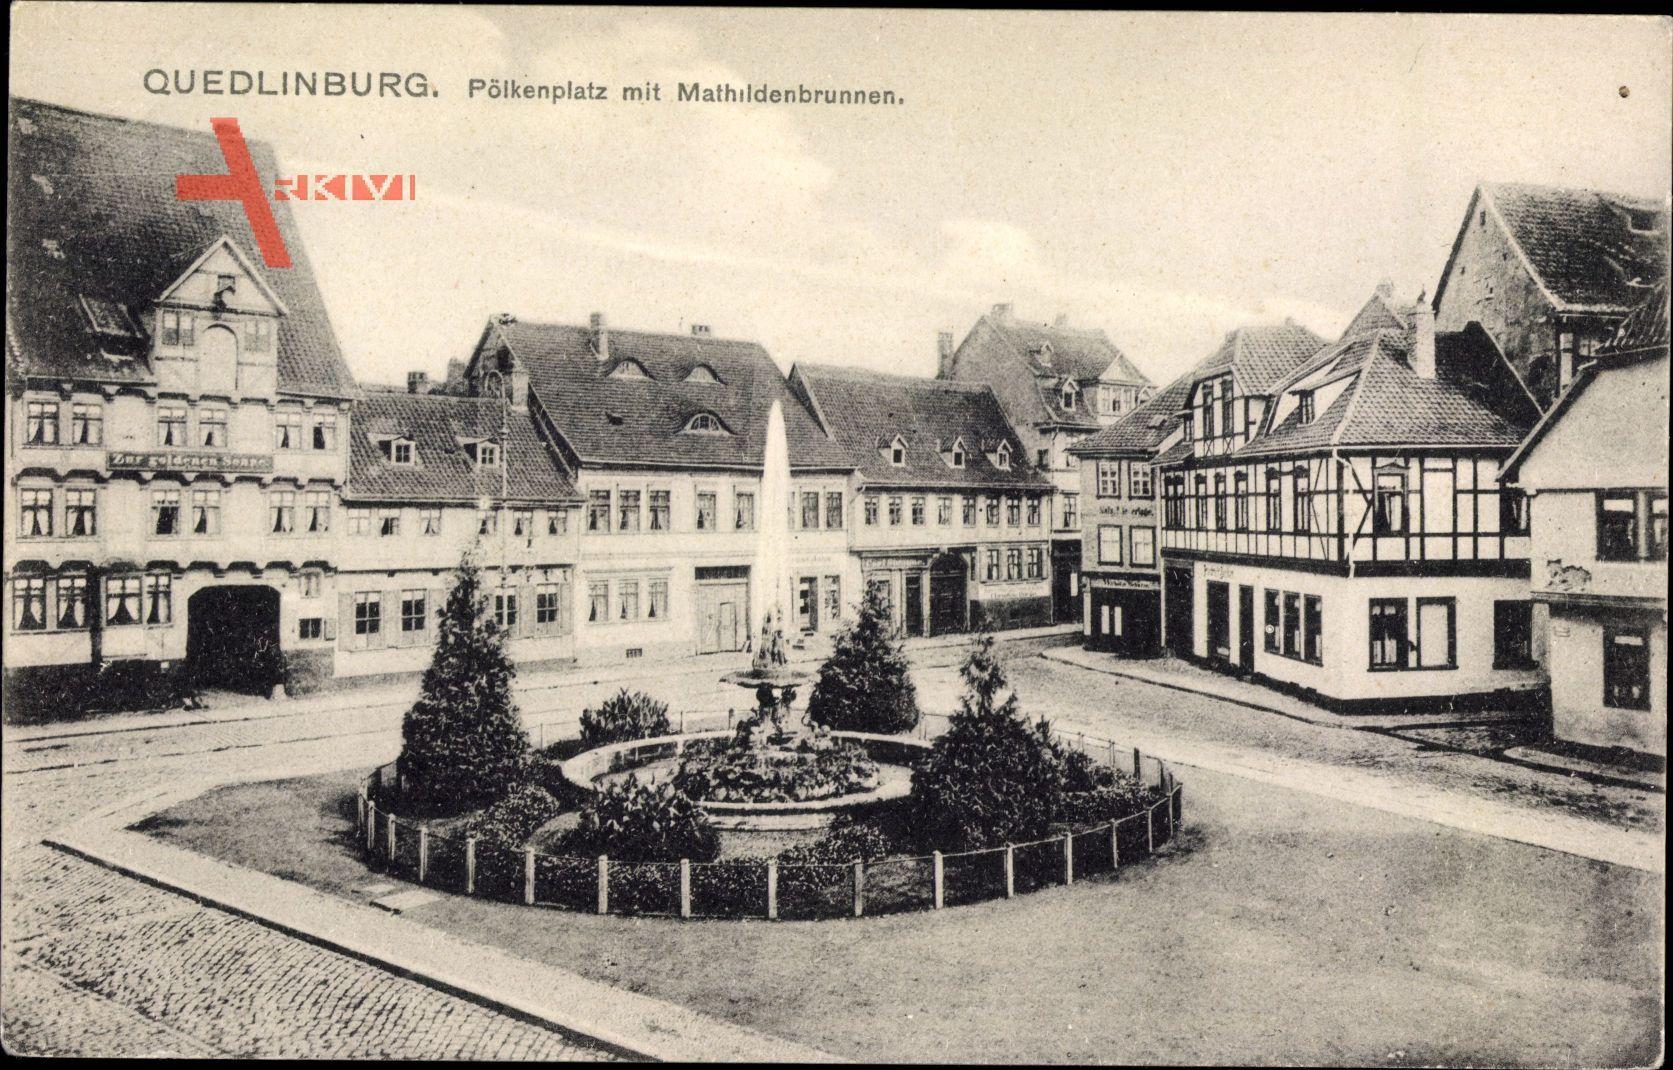 Quedlinburg im Harz, Pölkenplatz mit Mathildenbrunnen, Fachwerkhaus